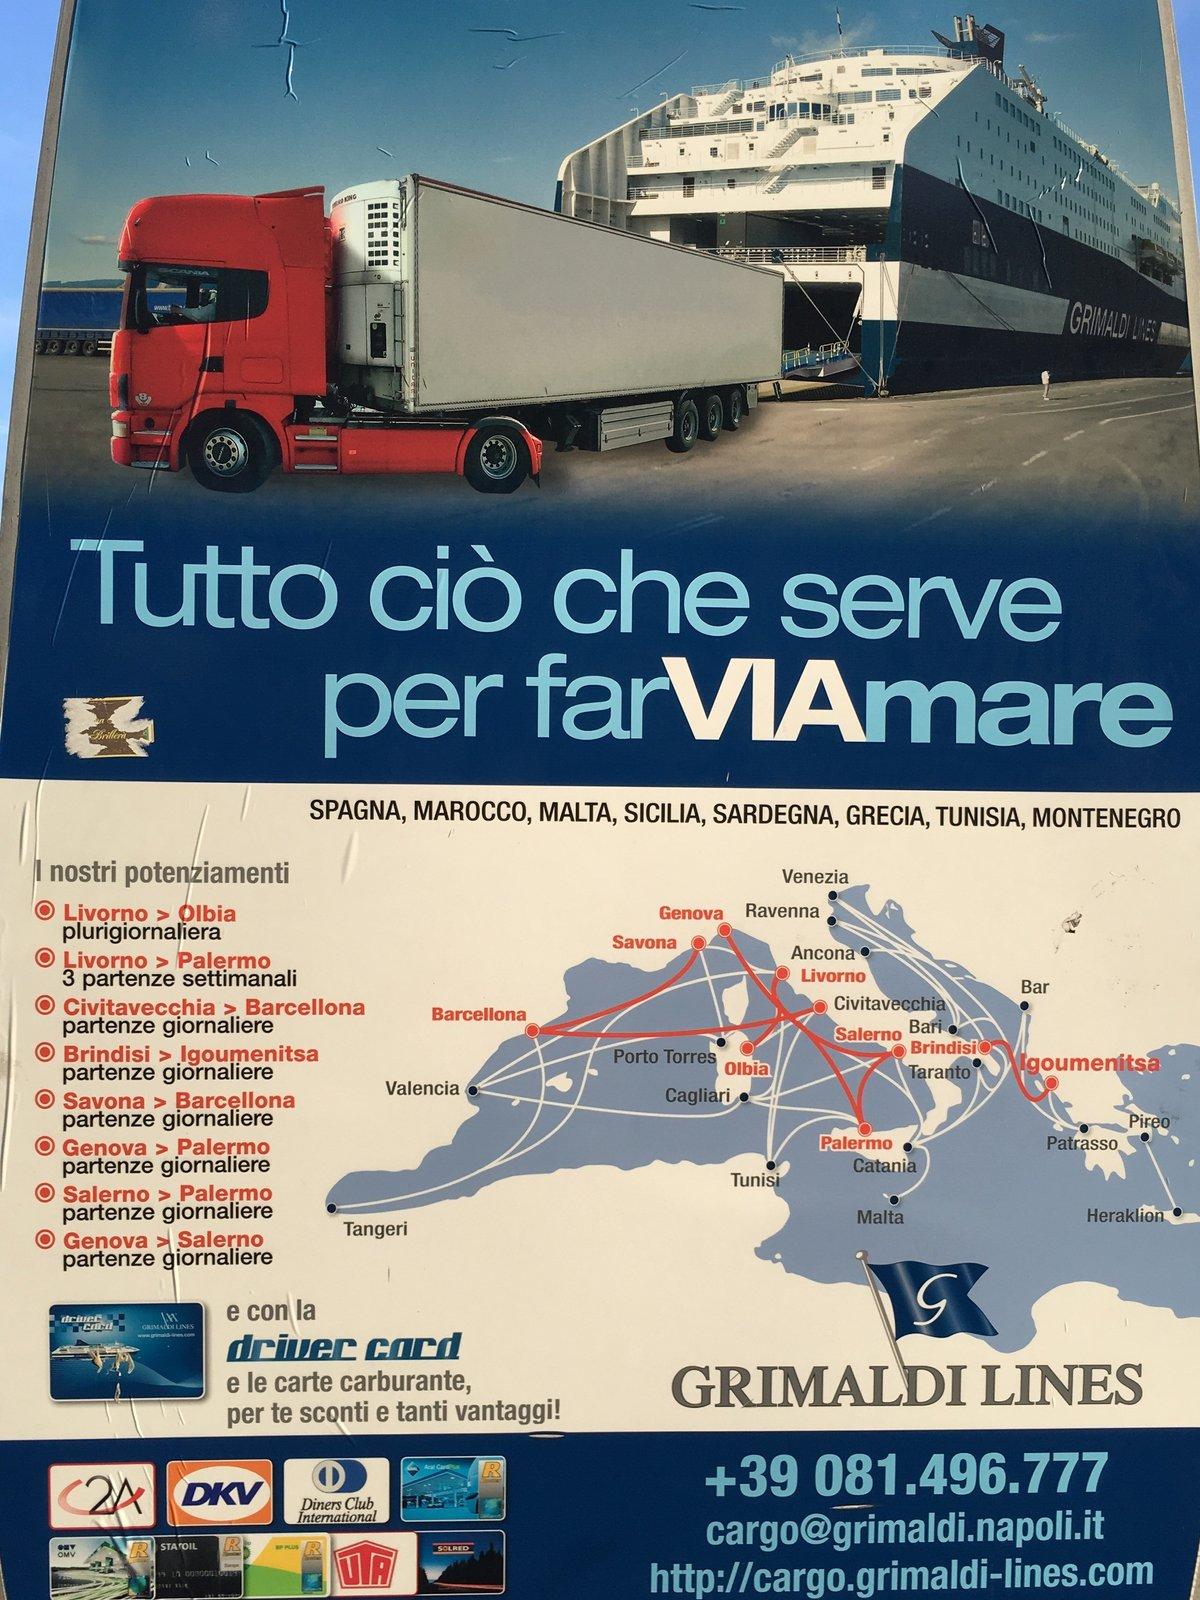 Grimaldi publicita.jpg